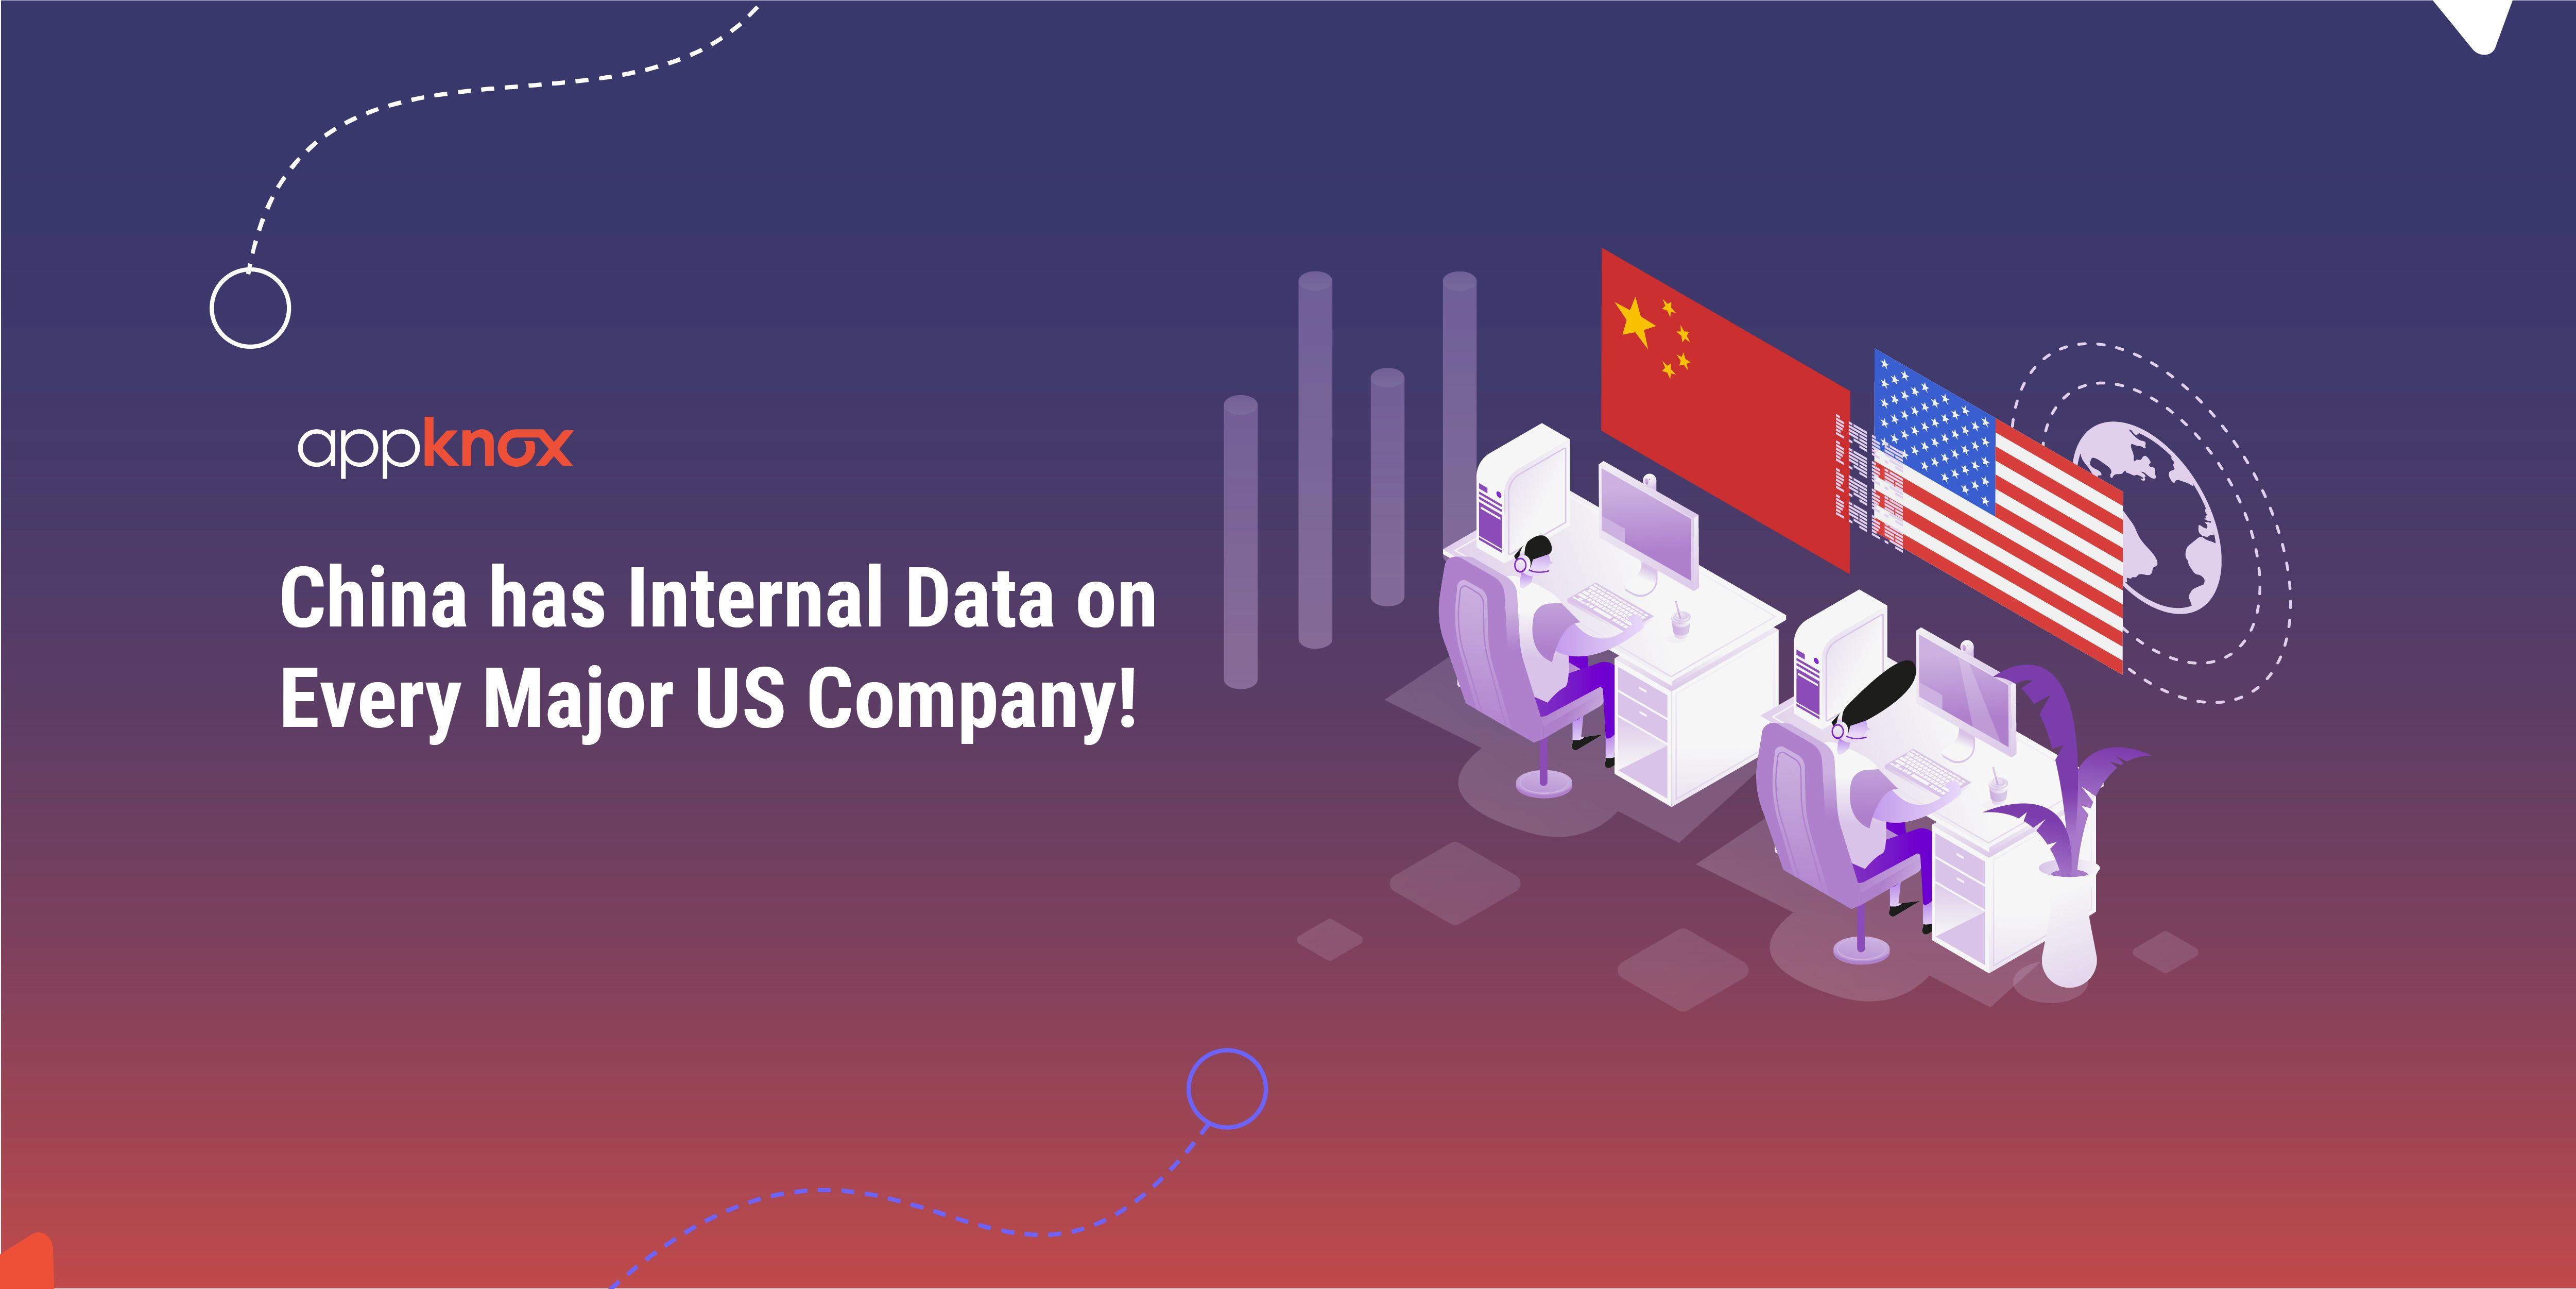 China has Internal Data on Every Major US Company